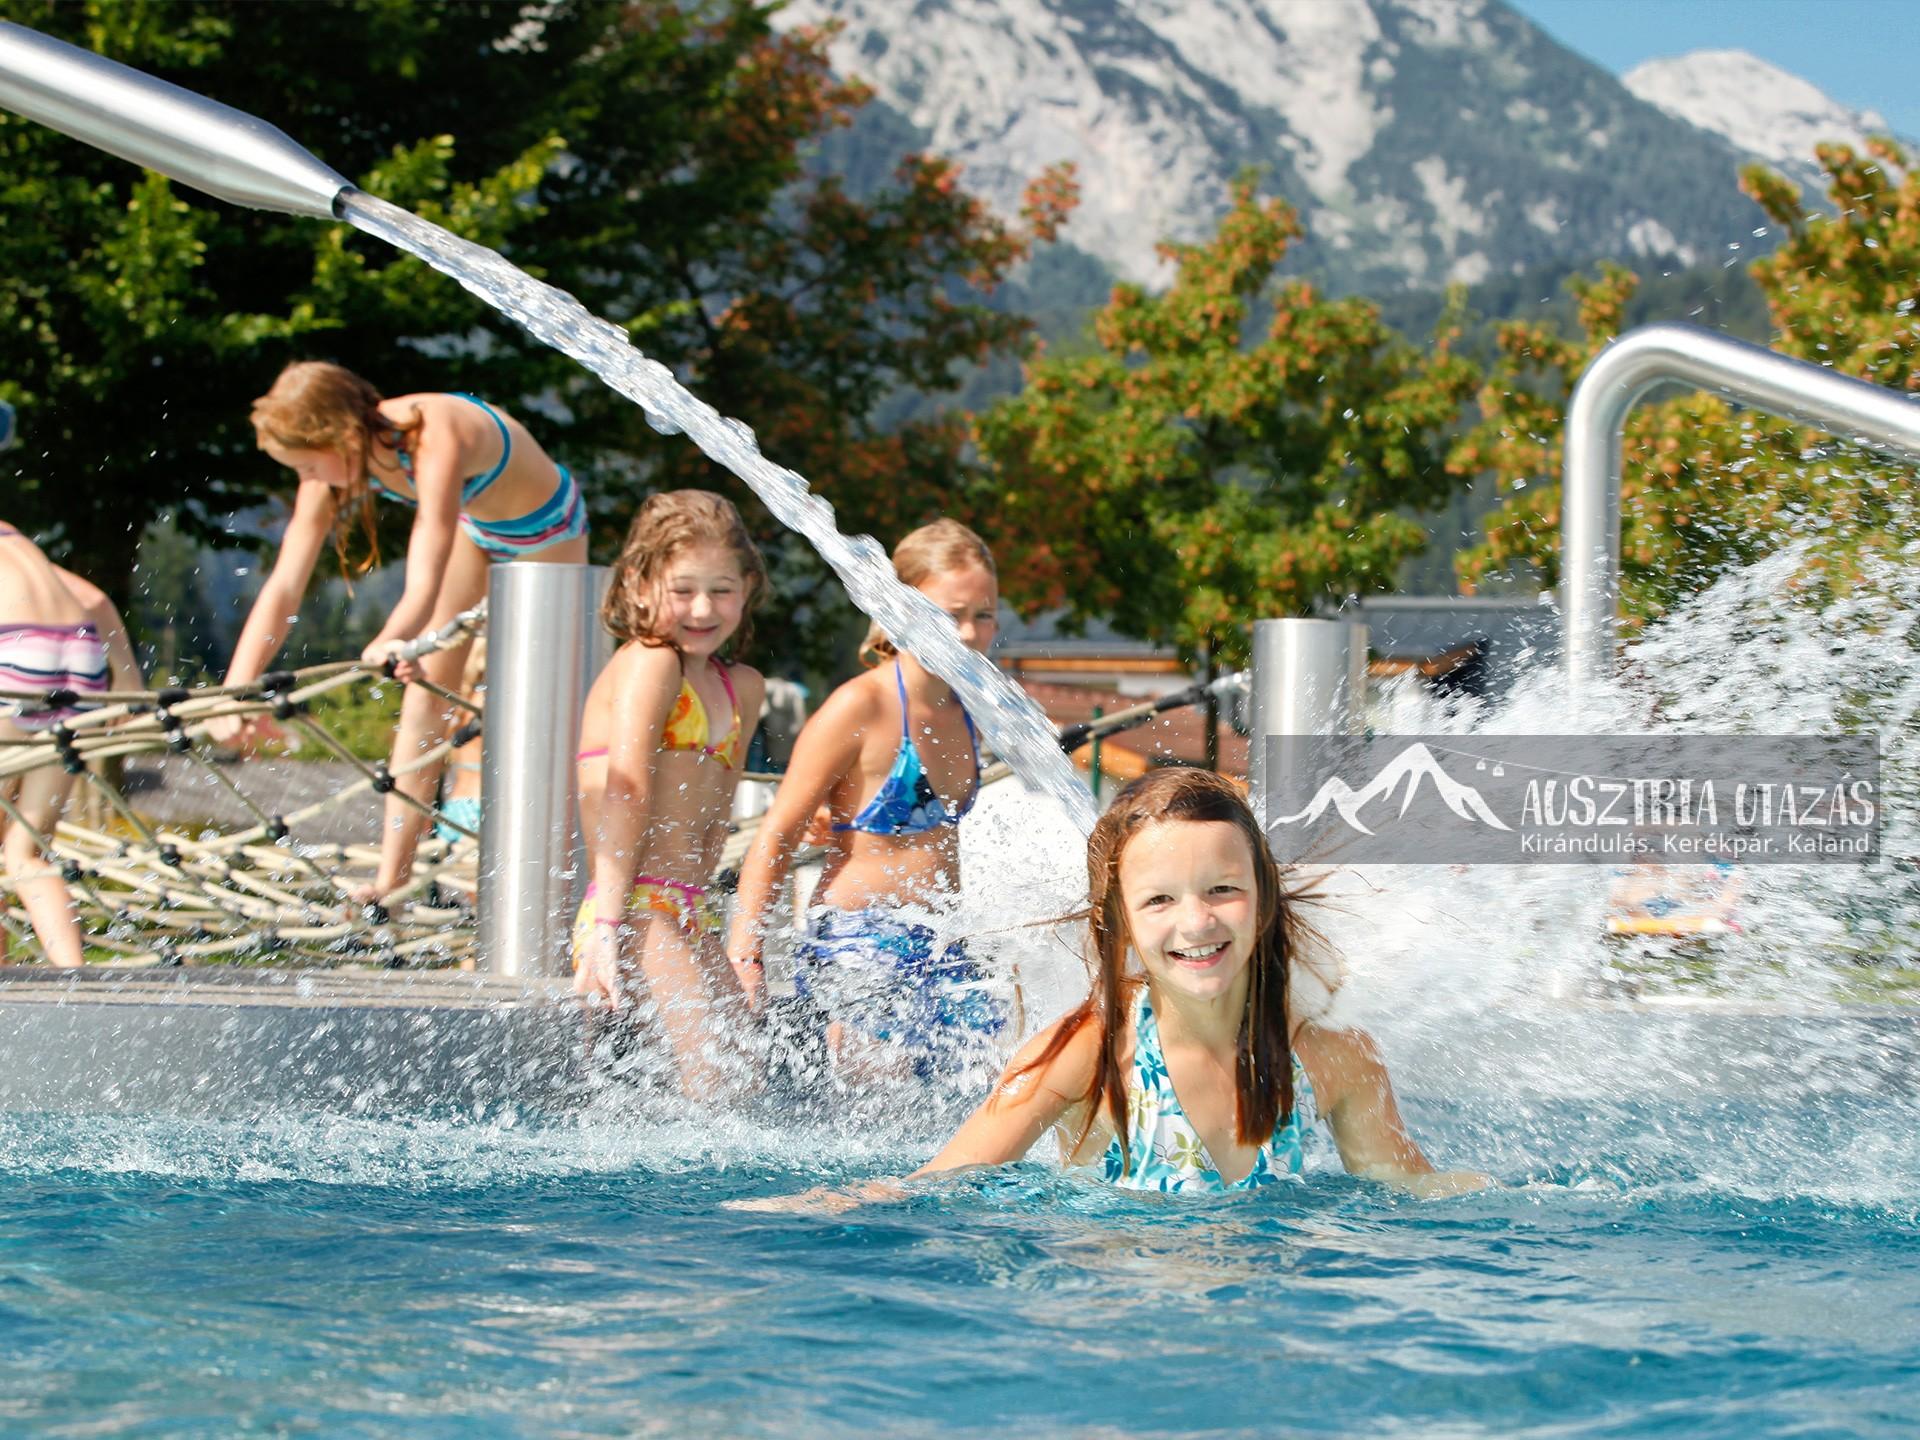 Családi élményfürdőzés Gasteinben